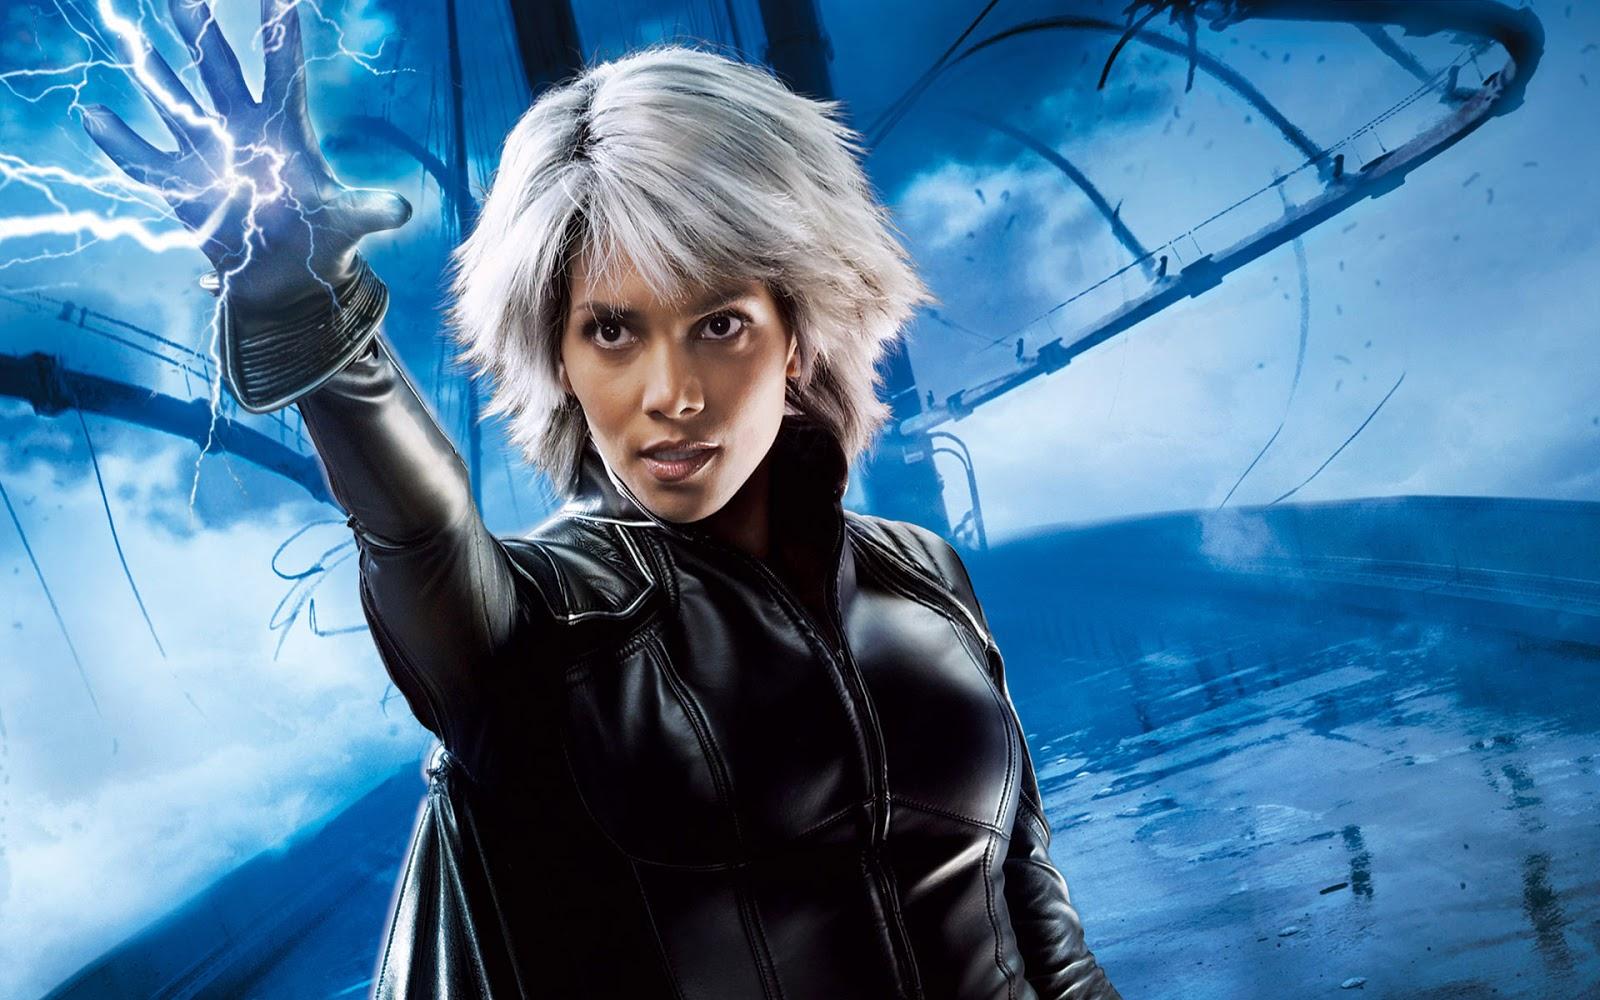 Wallpaper met Halle Berry als superheldin Storm in de film The X Men 1600x1000